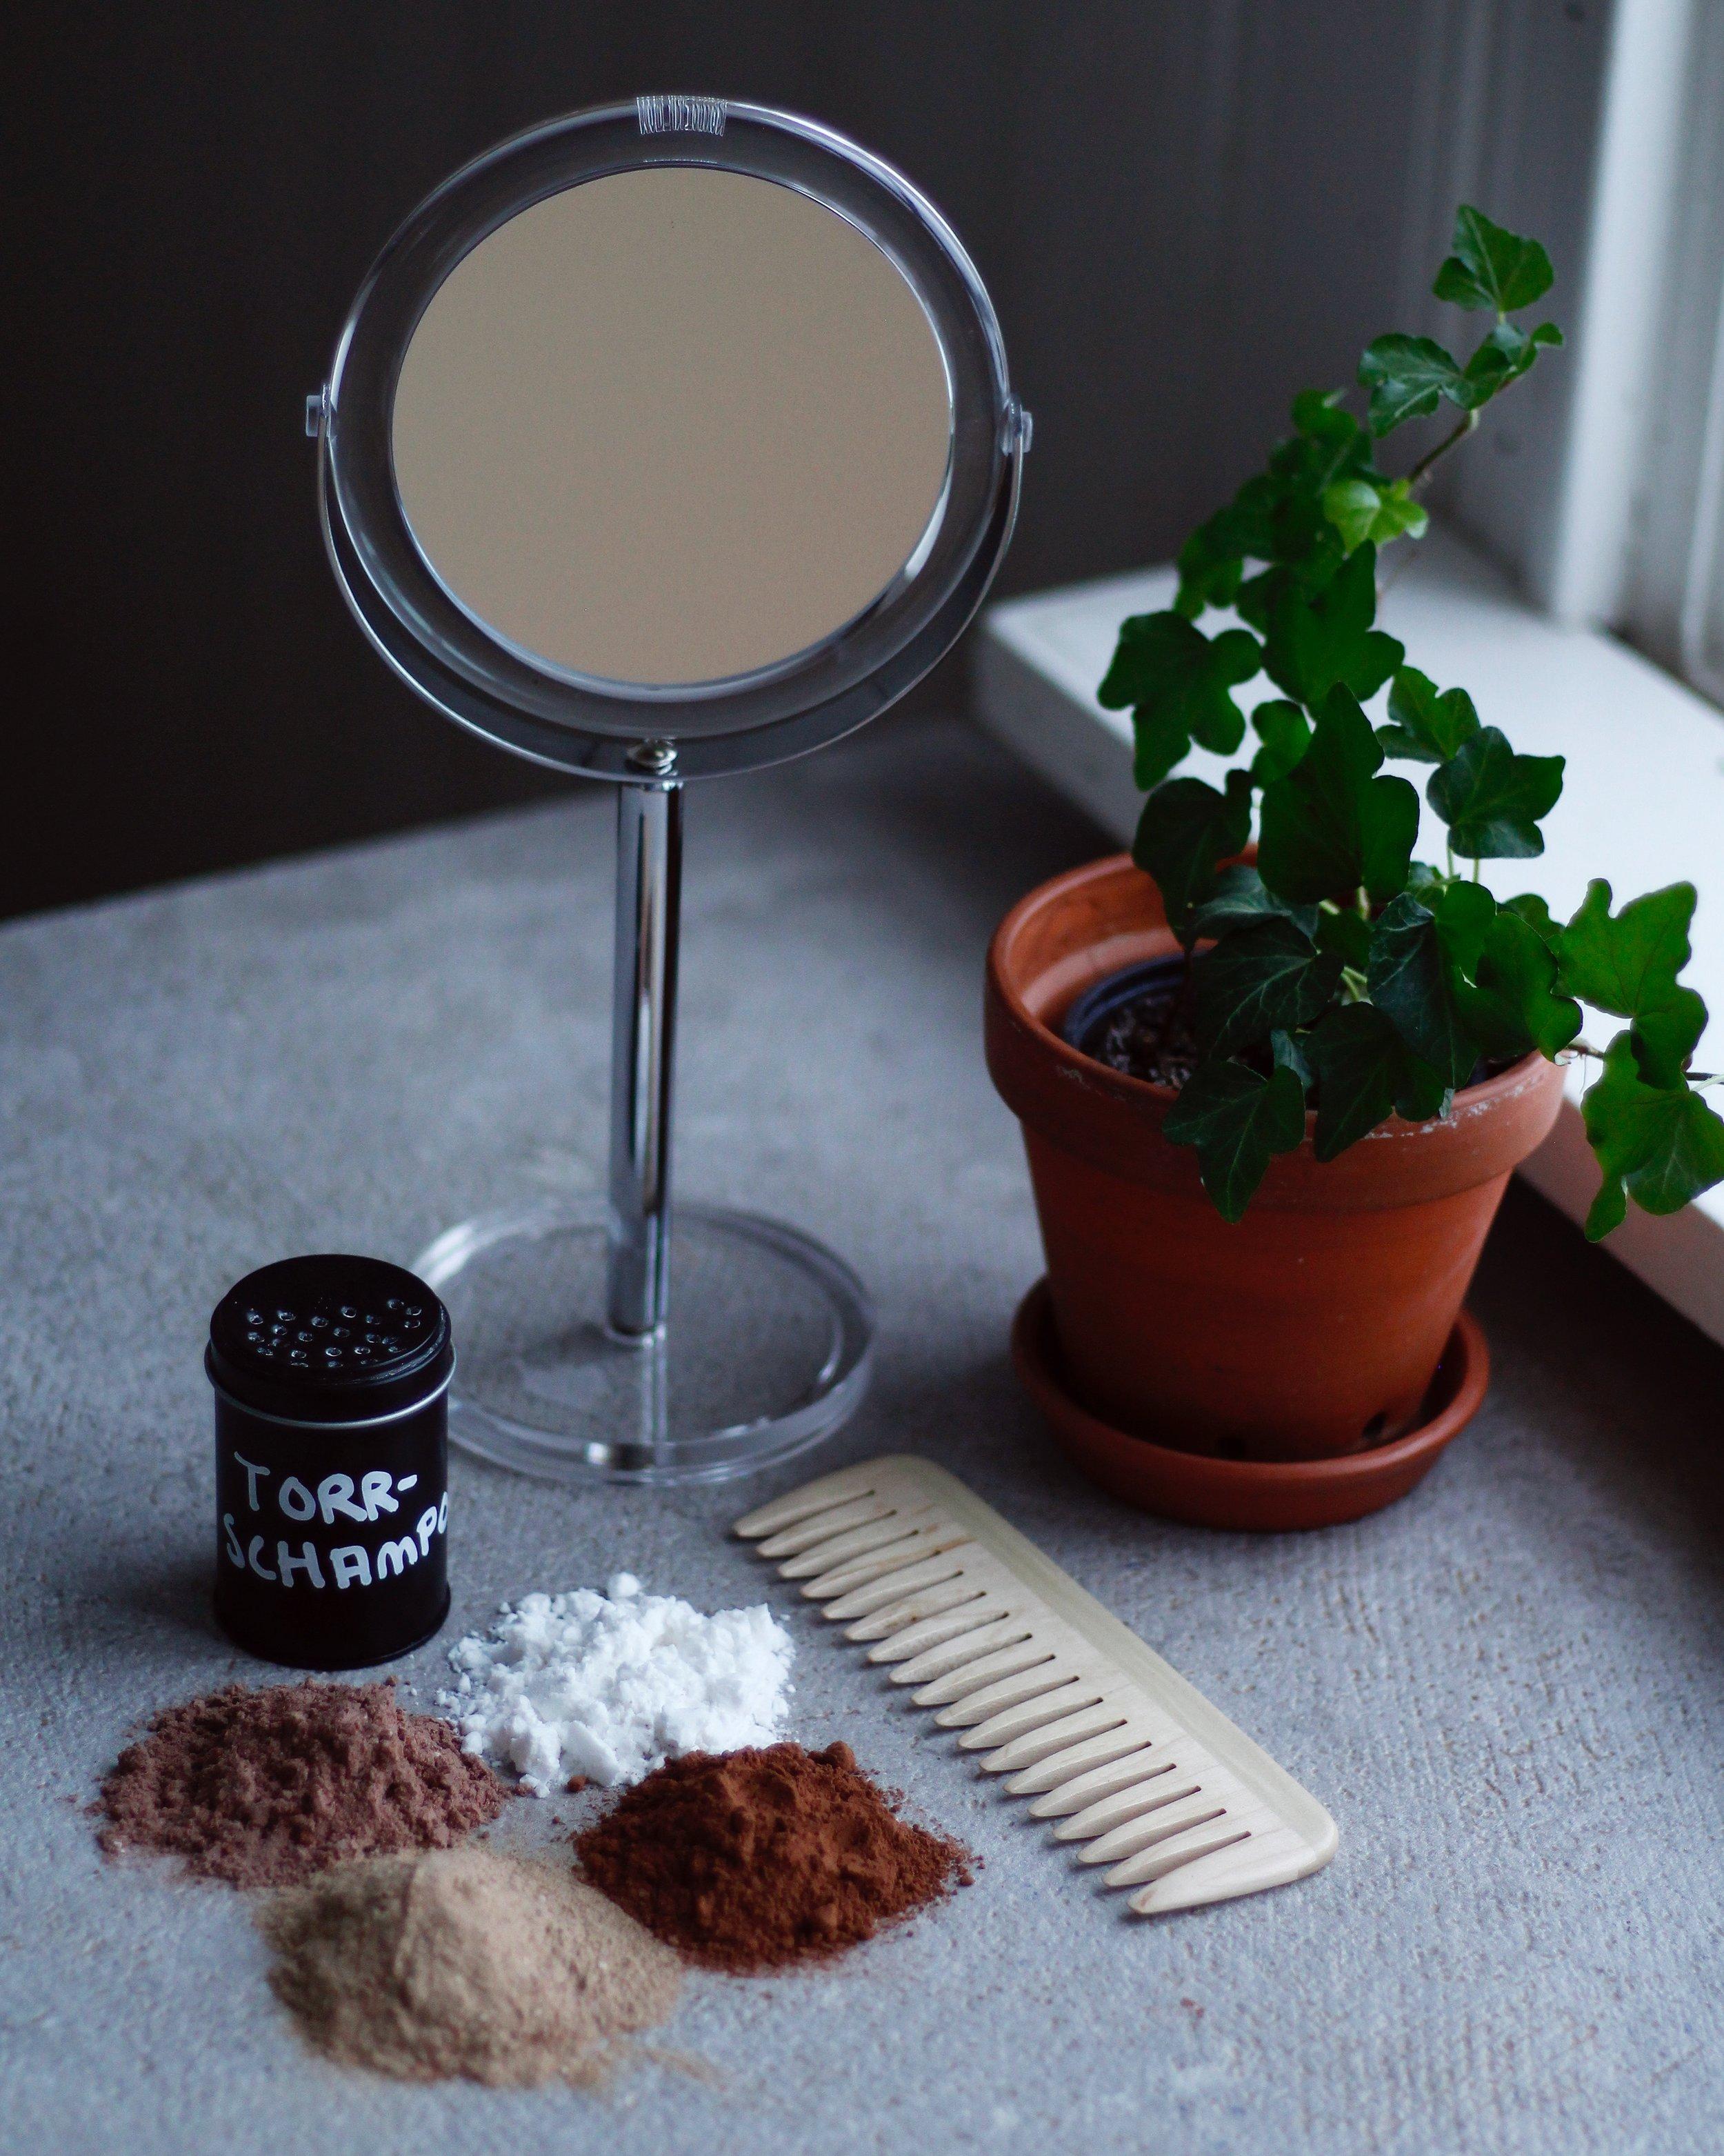 ekologiskt hemgjort torrschampo